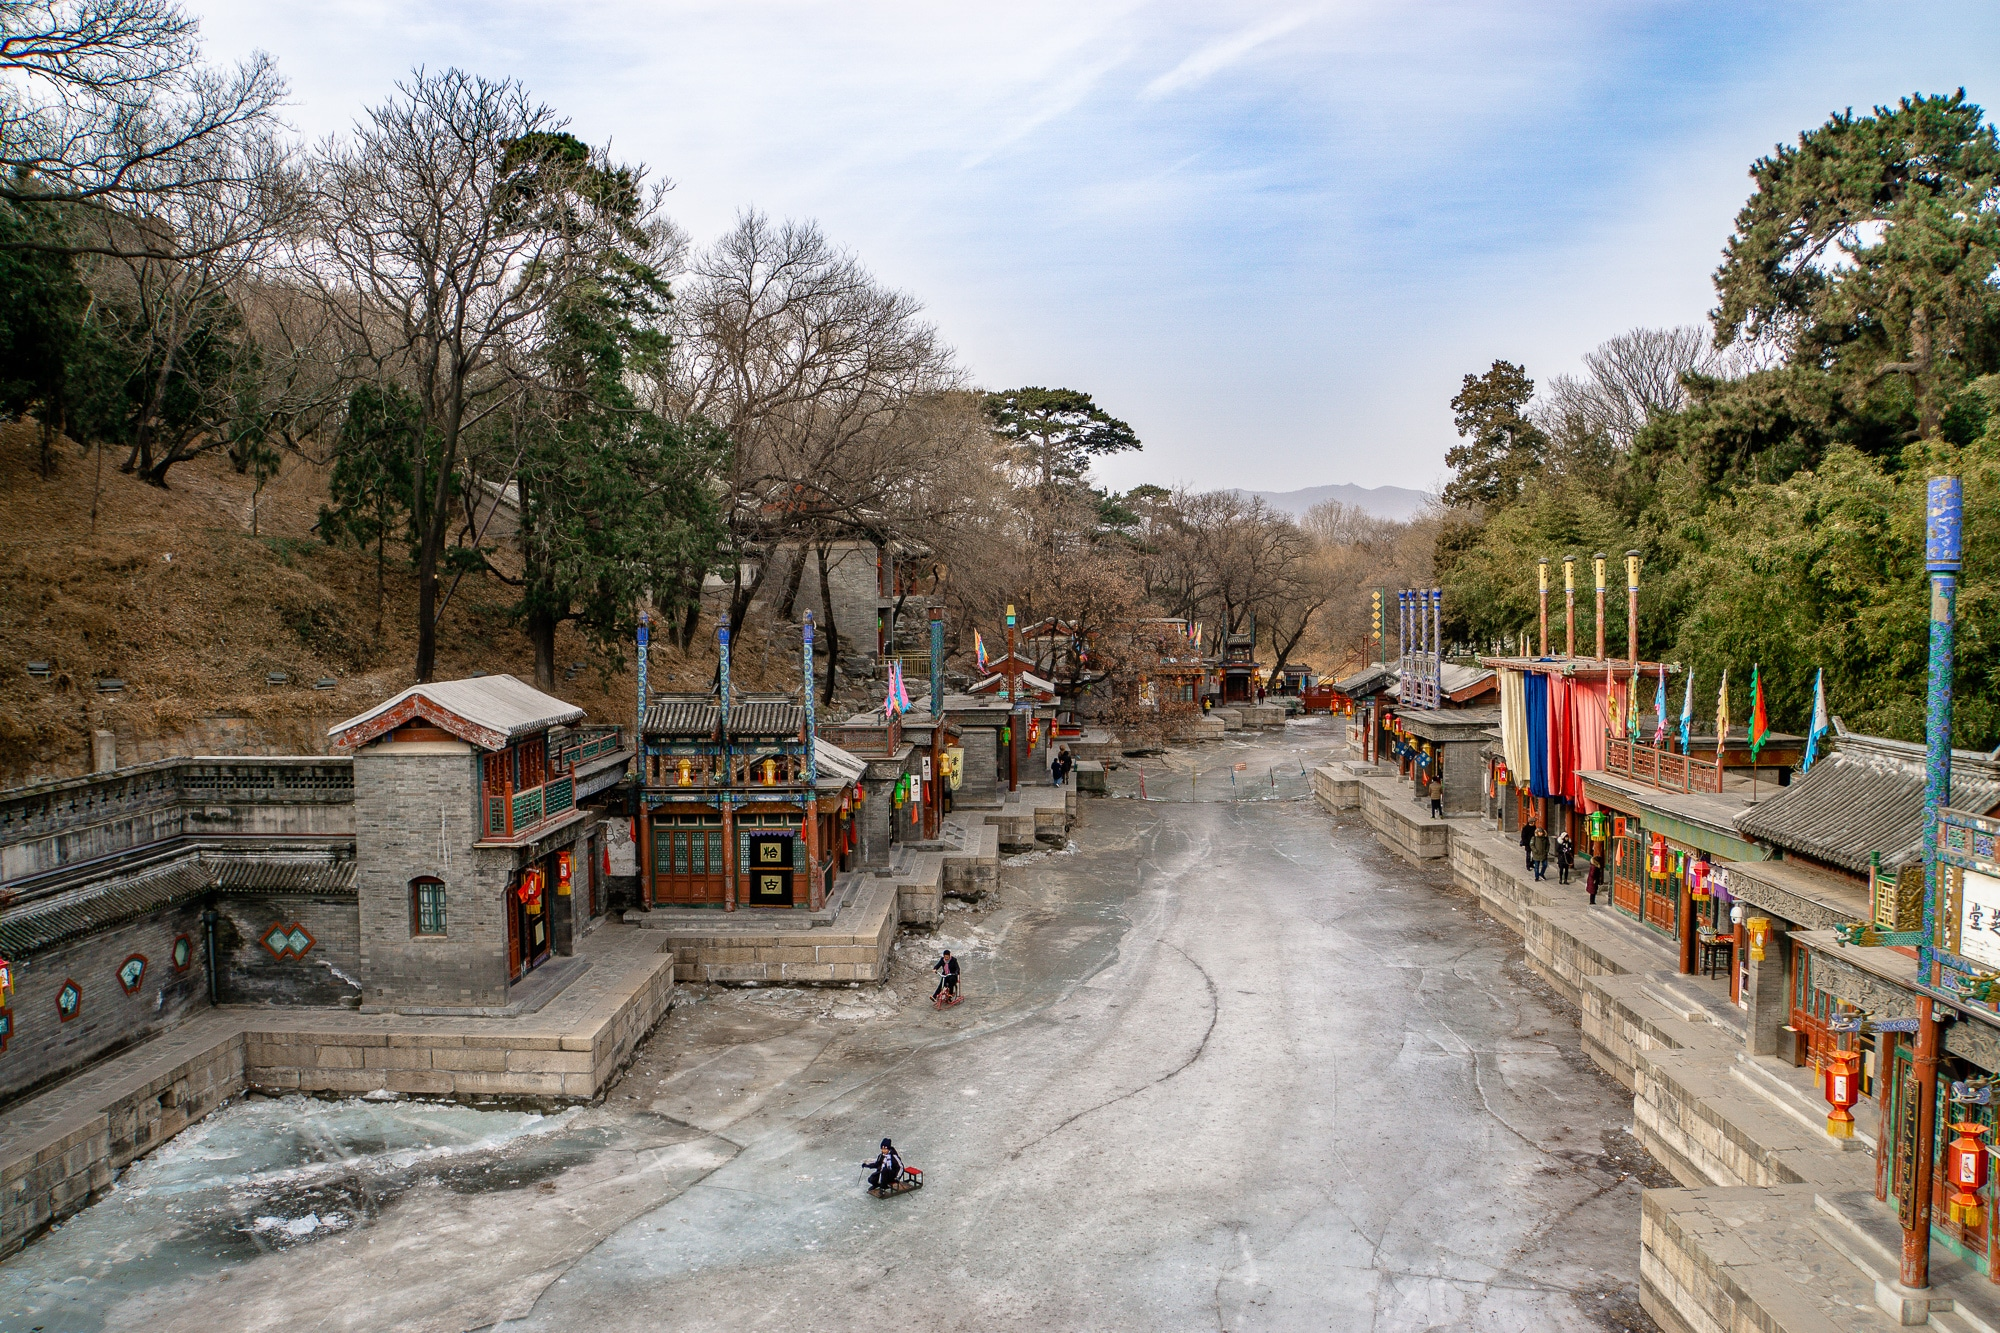 Sommerpalast in Peking: Die schönsten Sehenswürdigkeiten & Highlights - Suzhou Fluss /Suzhou River